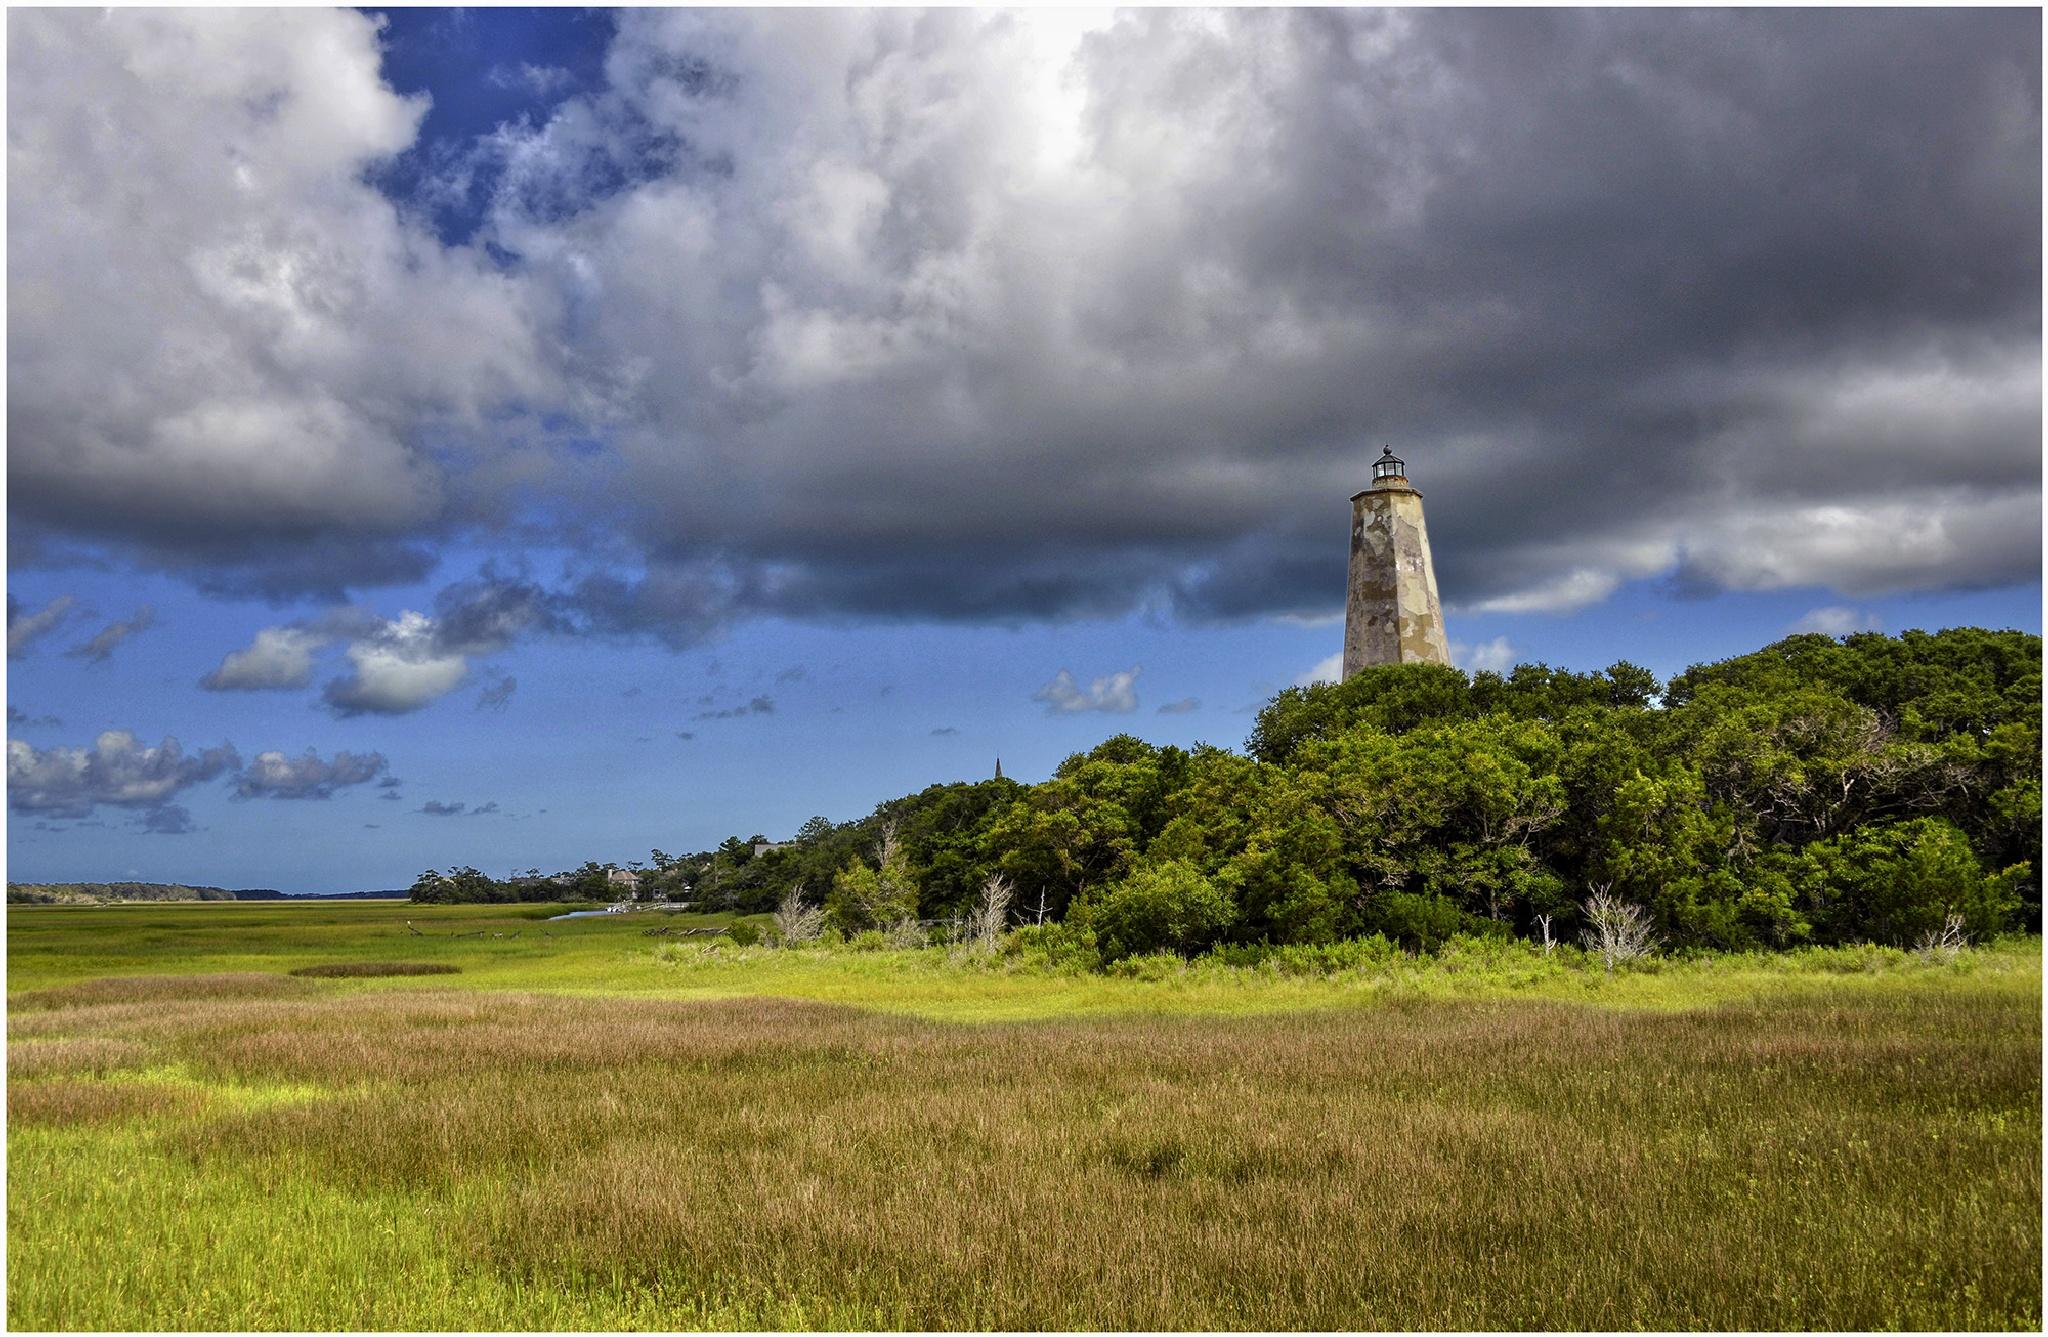 Old Baldy - Bald Head Island, NC by tedurquhart1